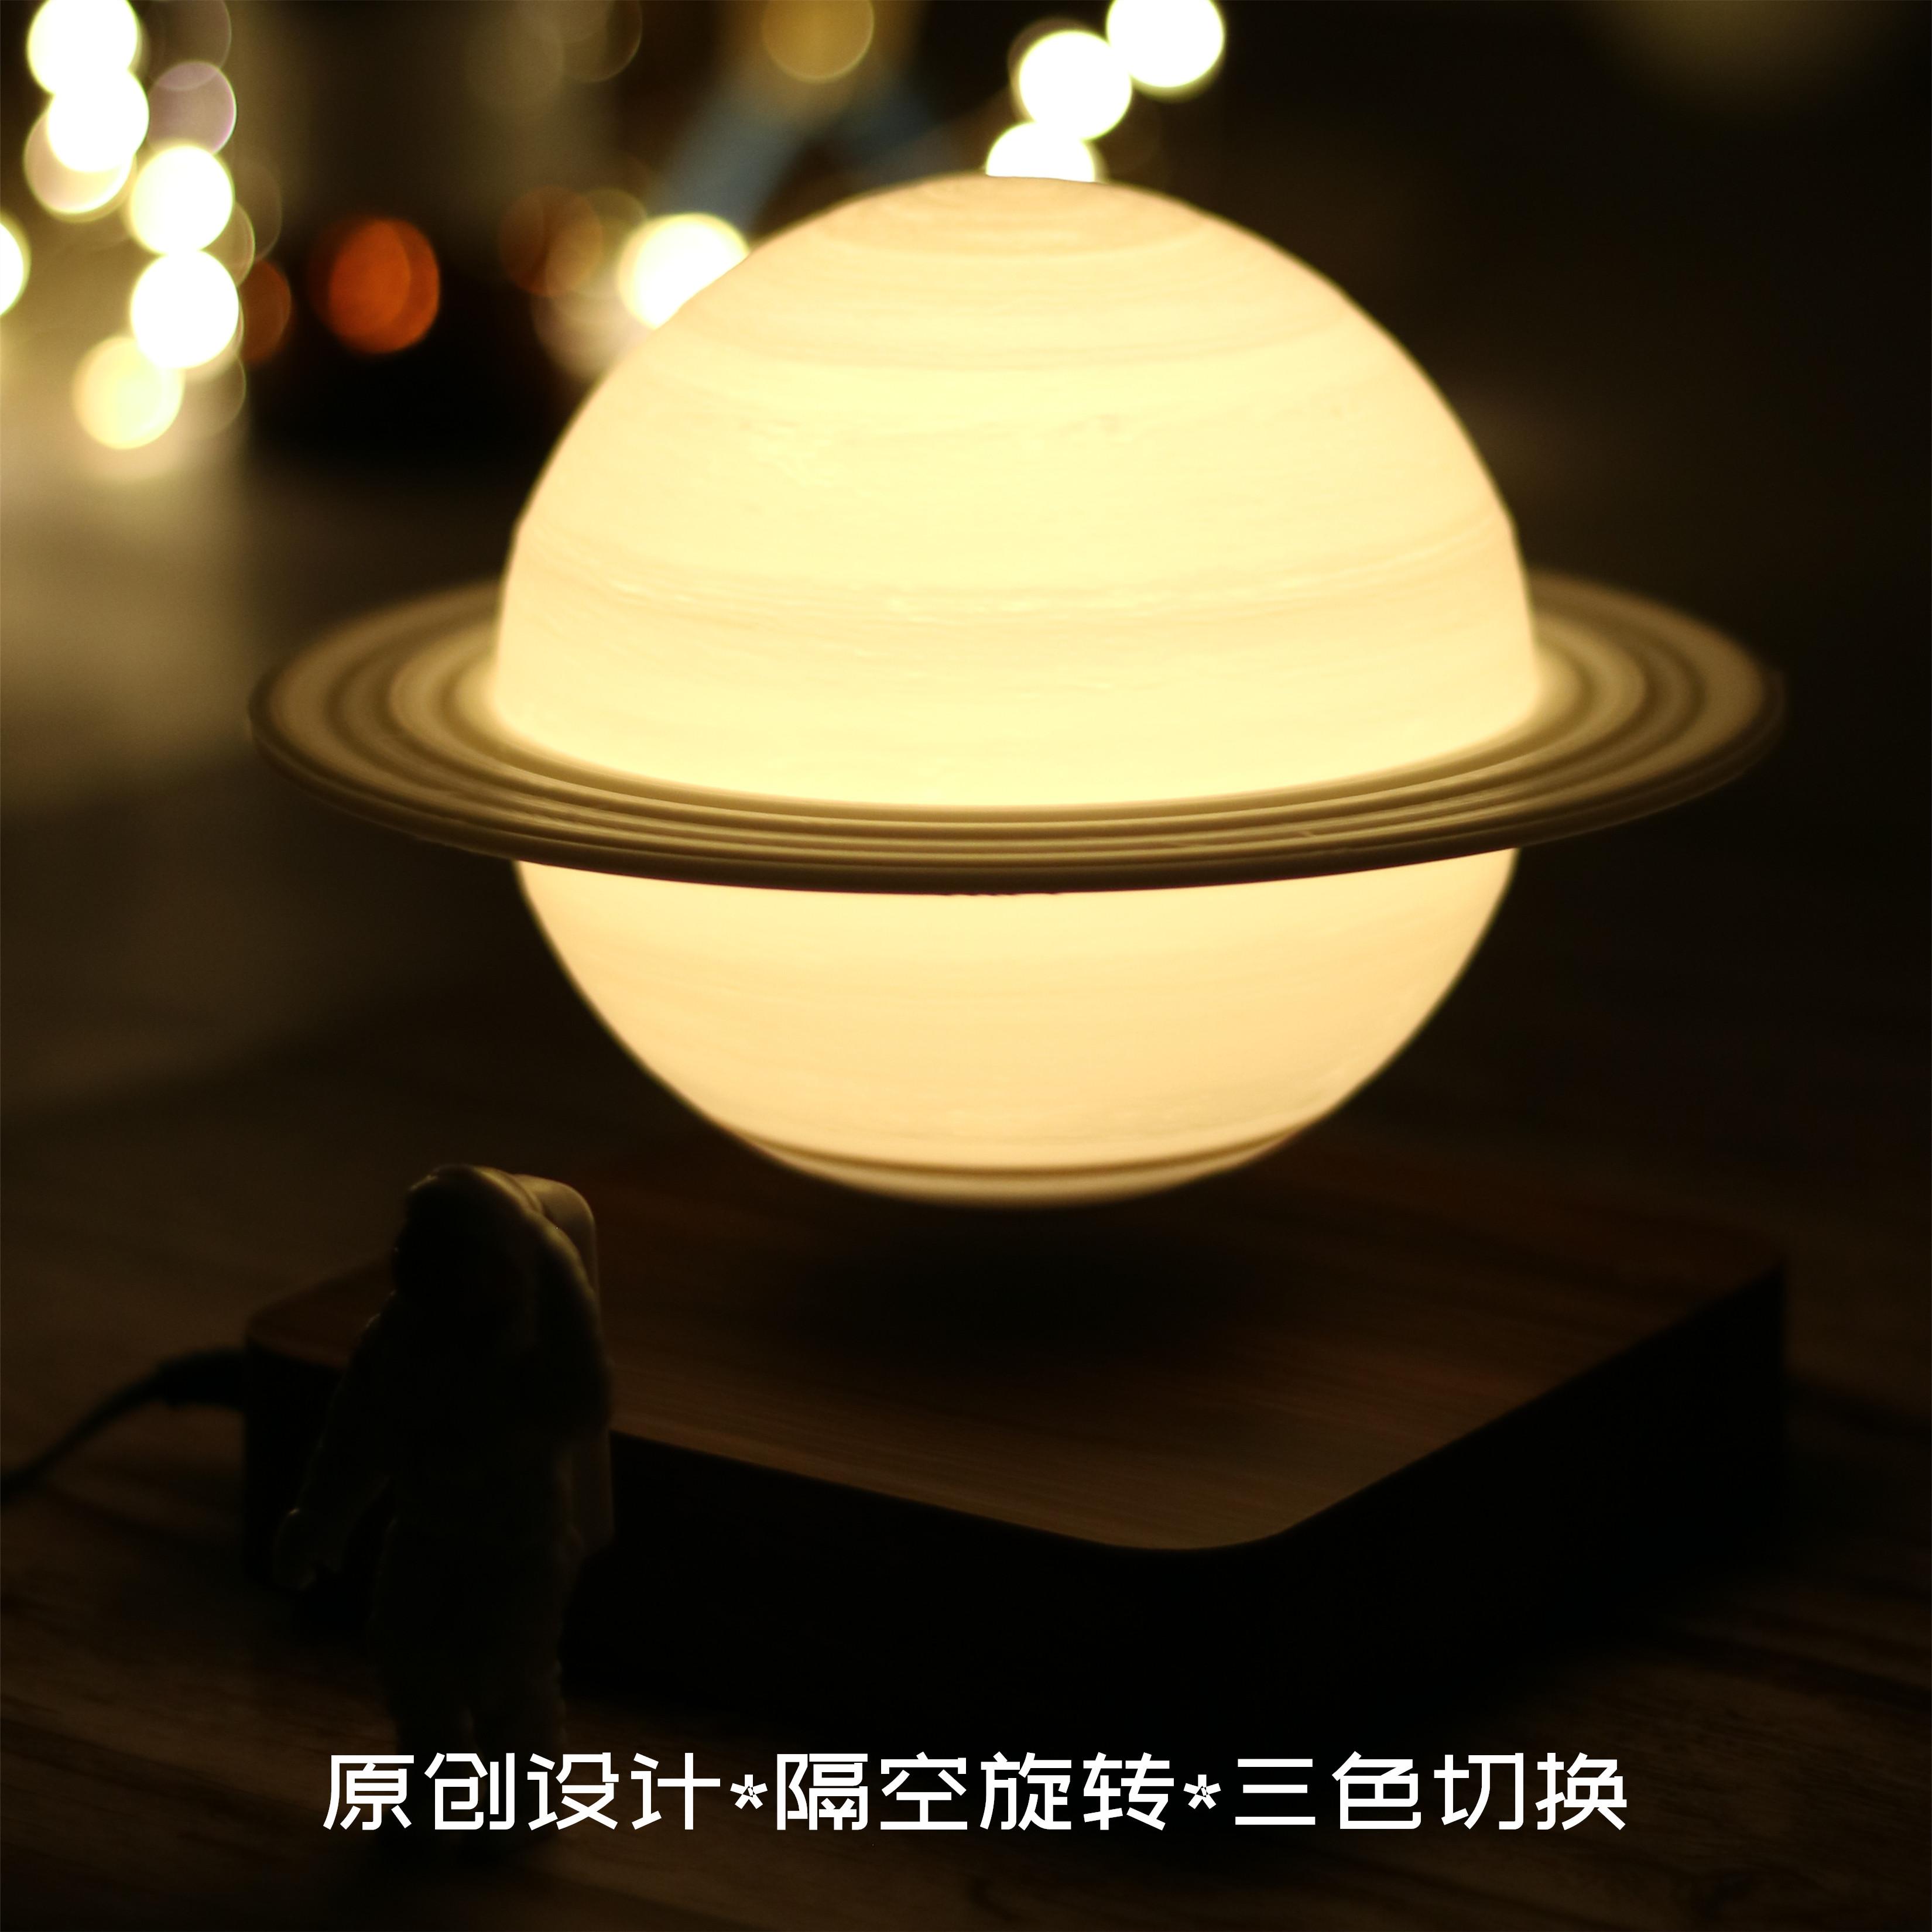 打印土星台灯黑高科技高档办公室家居行星摆件创意礼物 3D 磁悬浮